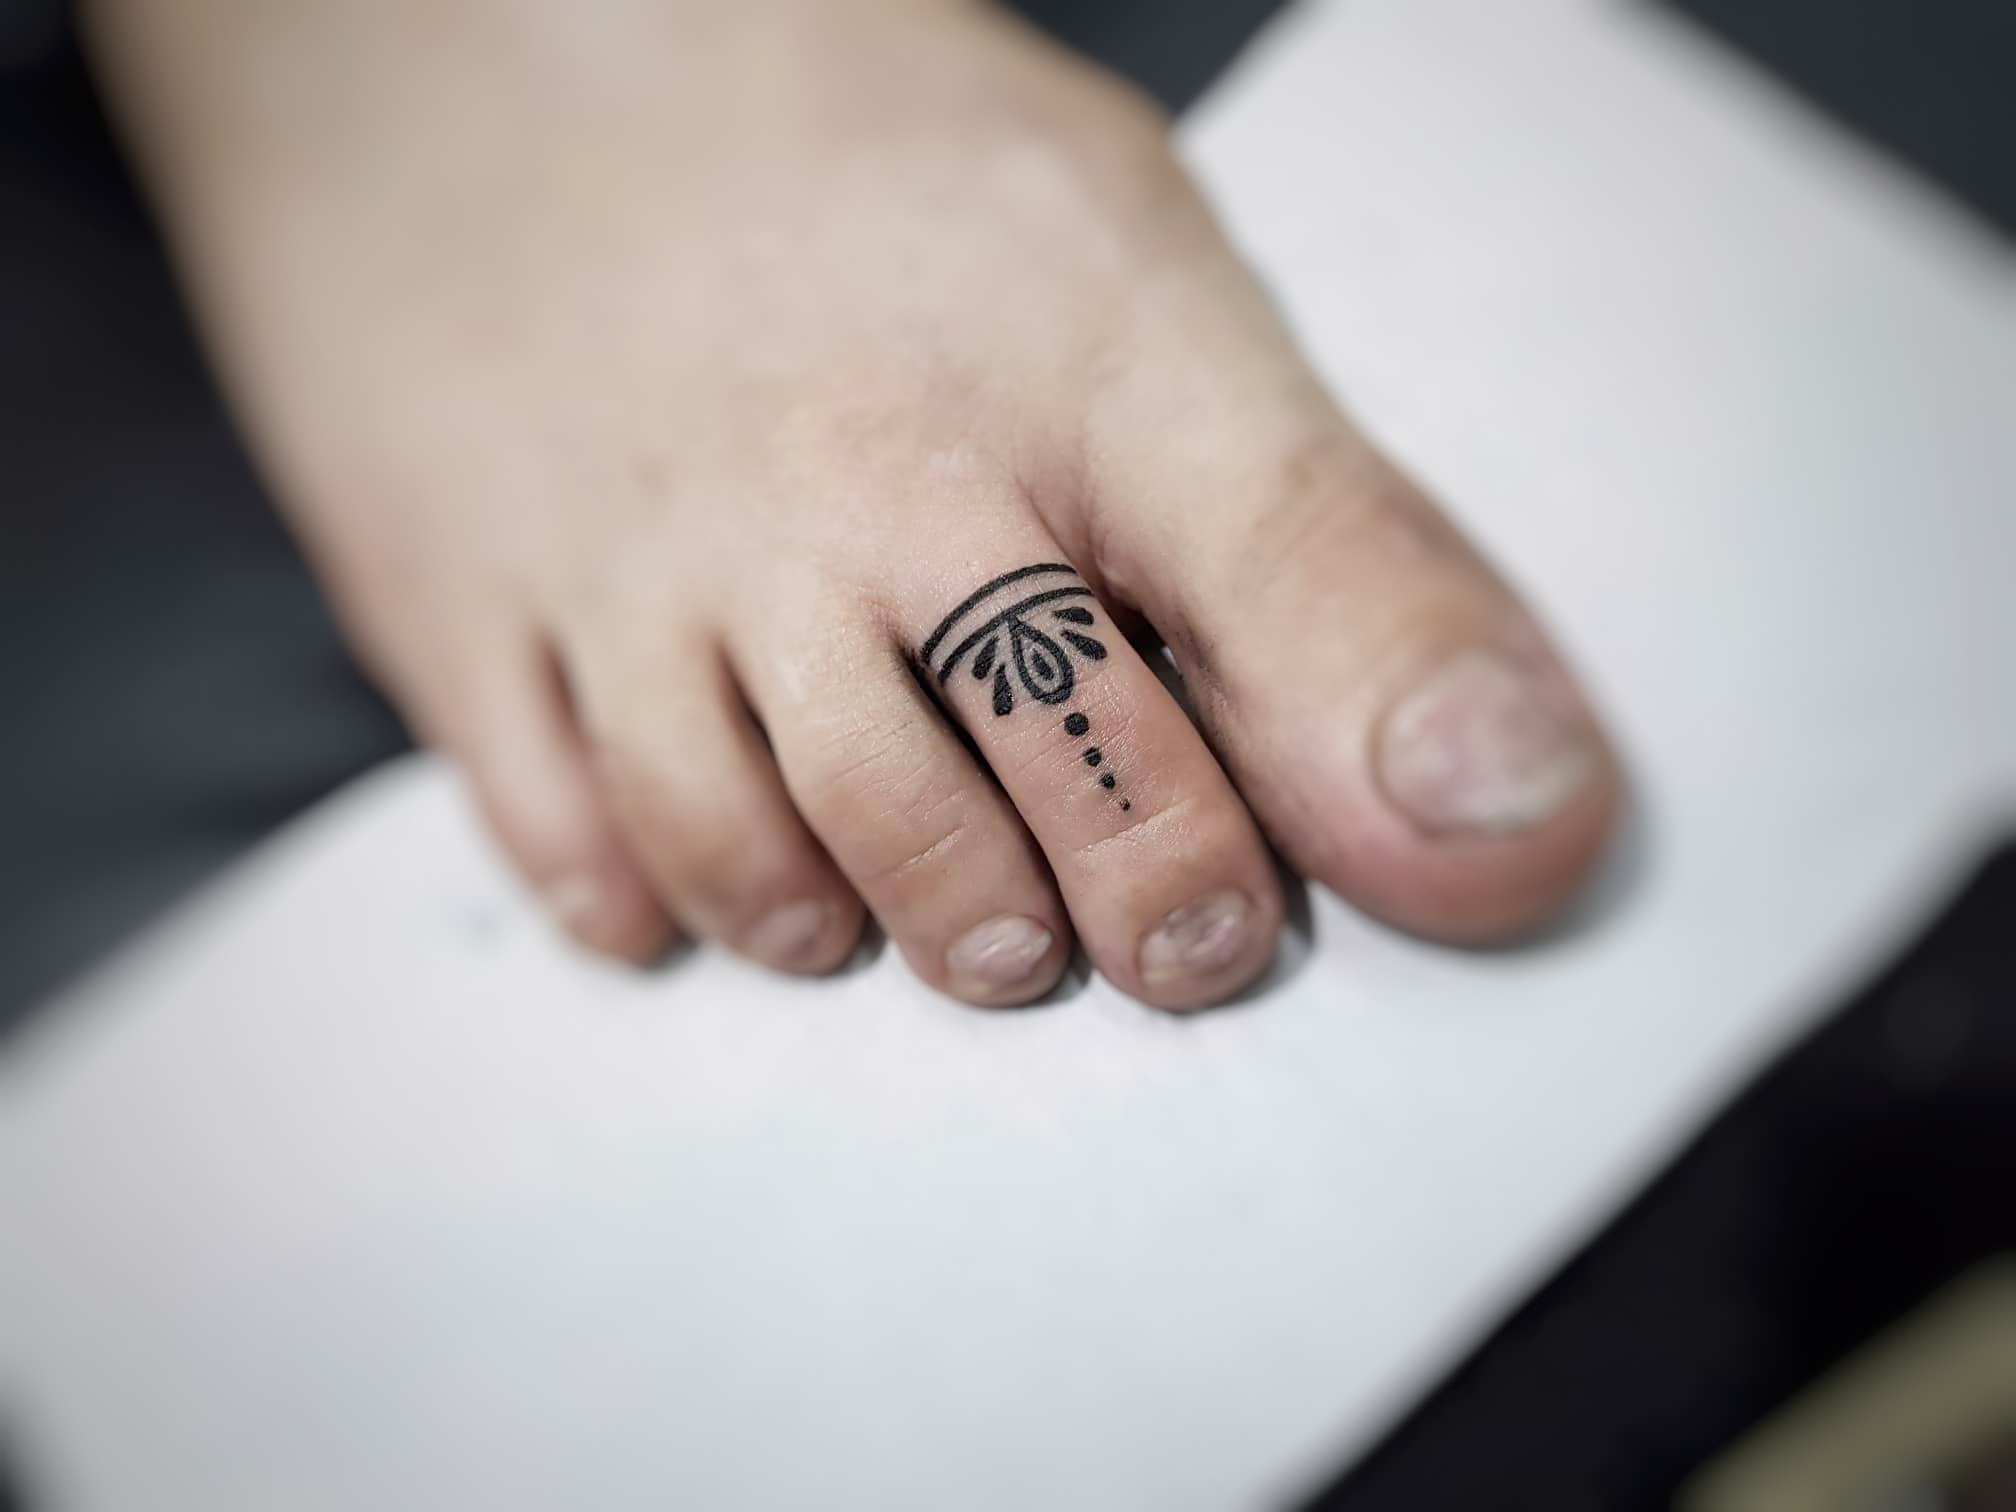 Toe ring tattoo, minimal tattoo by sumina shrestha- best female tattoo artist in nepal